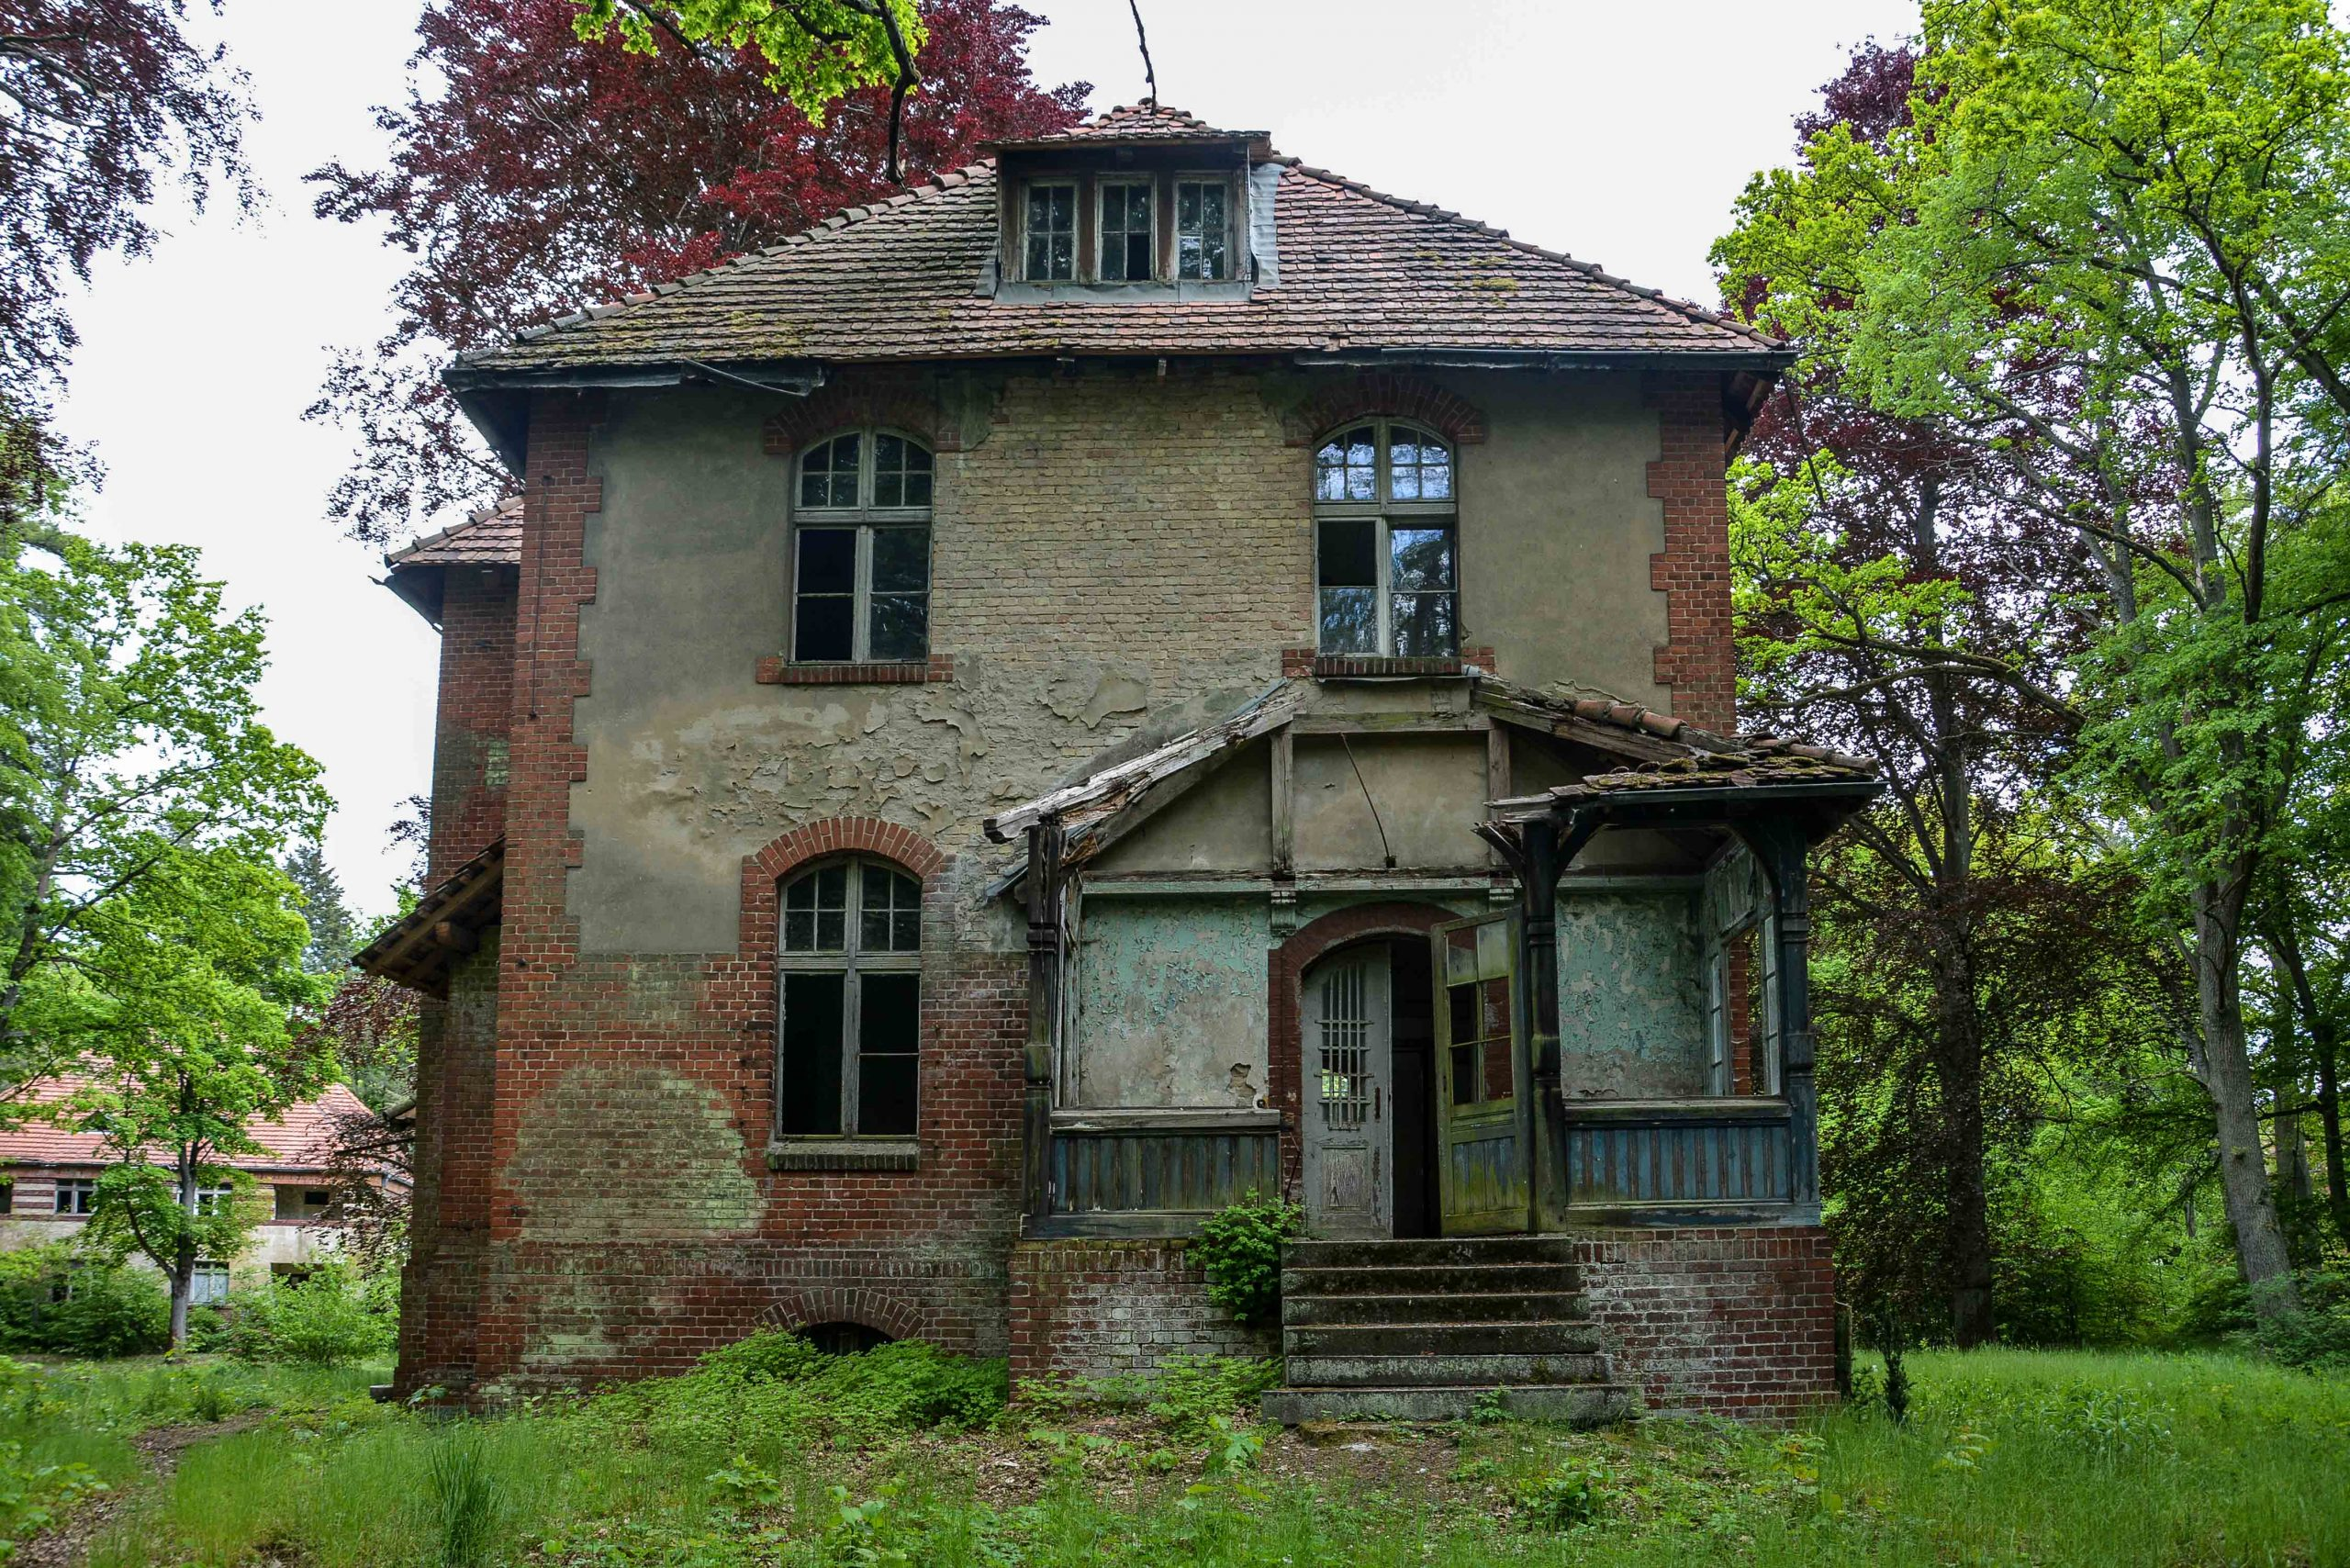 directors villa entrance tuberkulose heilstaette grabowsee sanatorium hospital oranienburg lost places abandoned urbex brandenburg germany deutschland